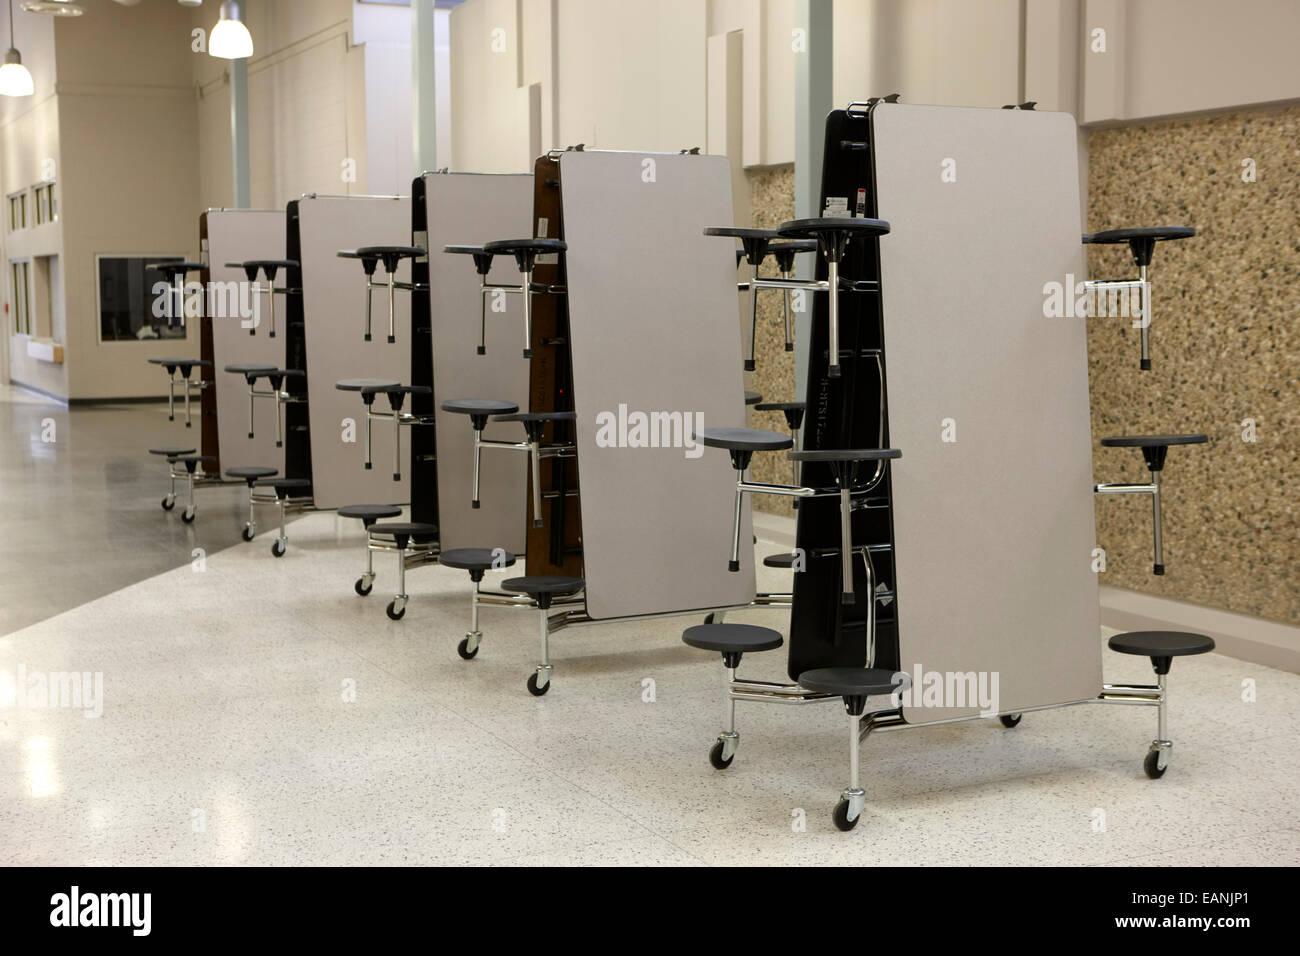 Mobile klappbare Tisch-Kantine essen Einheiten in einer High school Stockbild